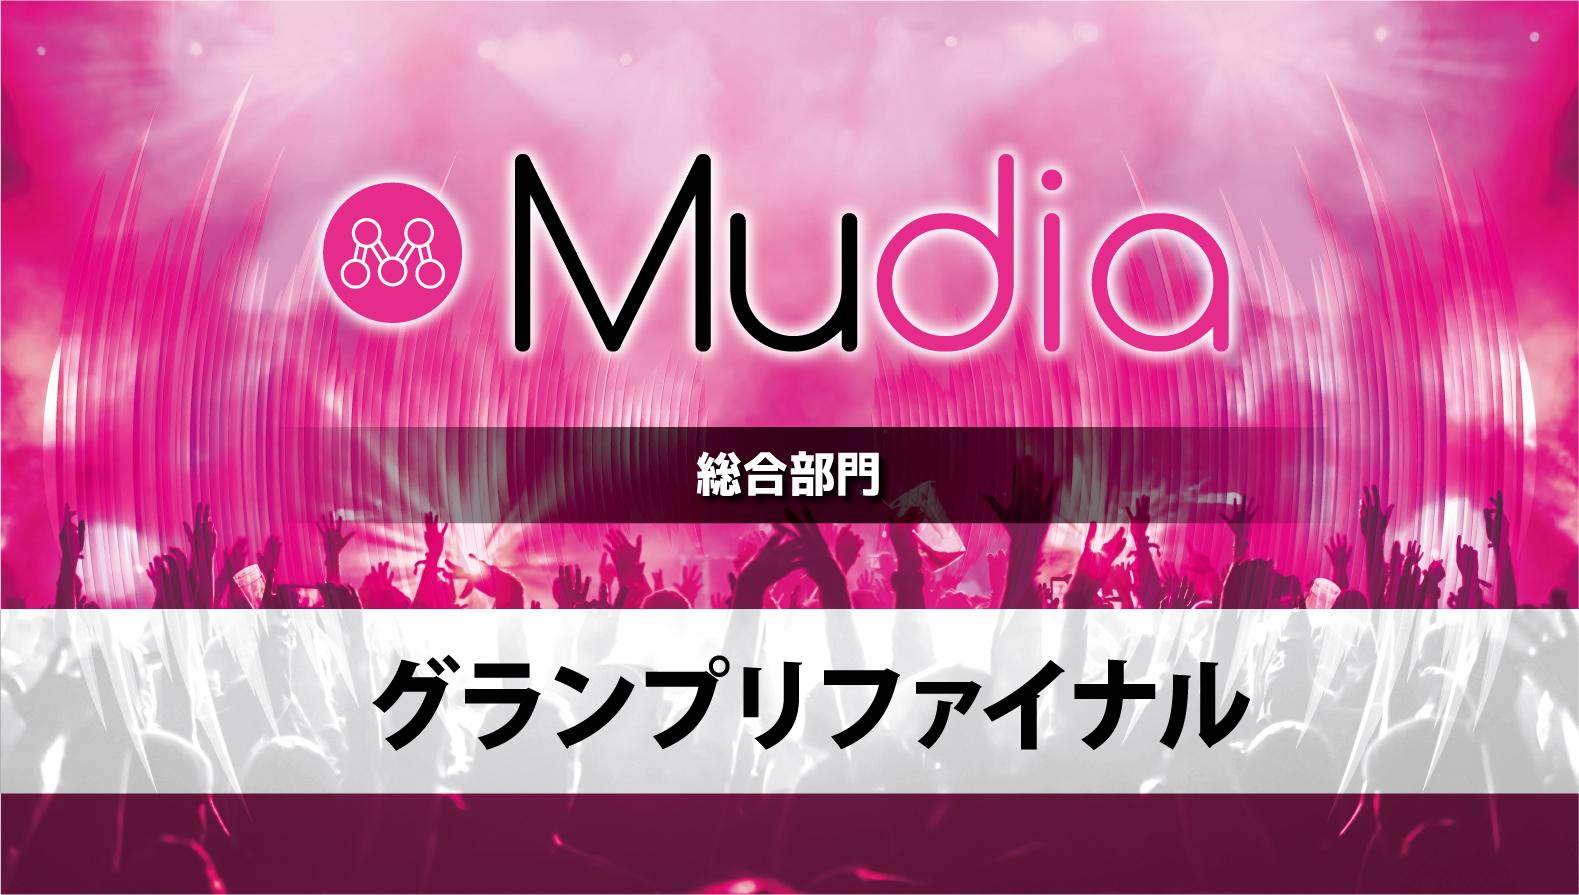 Mudia2020 総合部門 グランプリファイナル